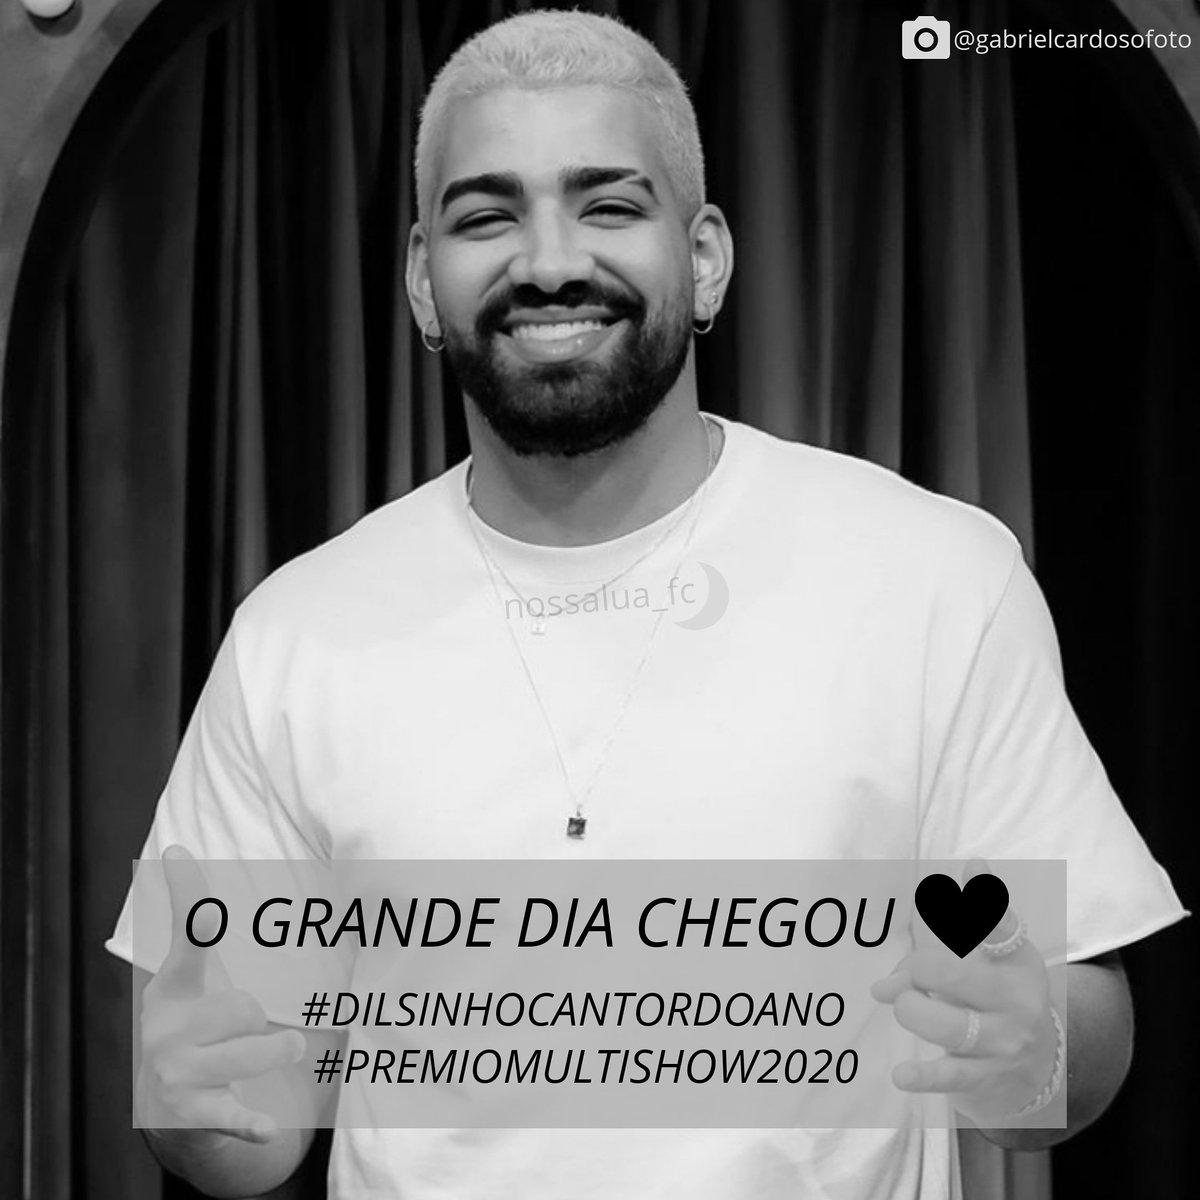 Falta pouco amores.. .. Vibrações positivas 🤜🏼🤛🏼😍🌙 #dilsinho #dilsinhofc #dilsinhocantordoano #cantordoano #premiomultishow #premiomultishow2020 #multishow